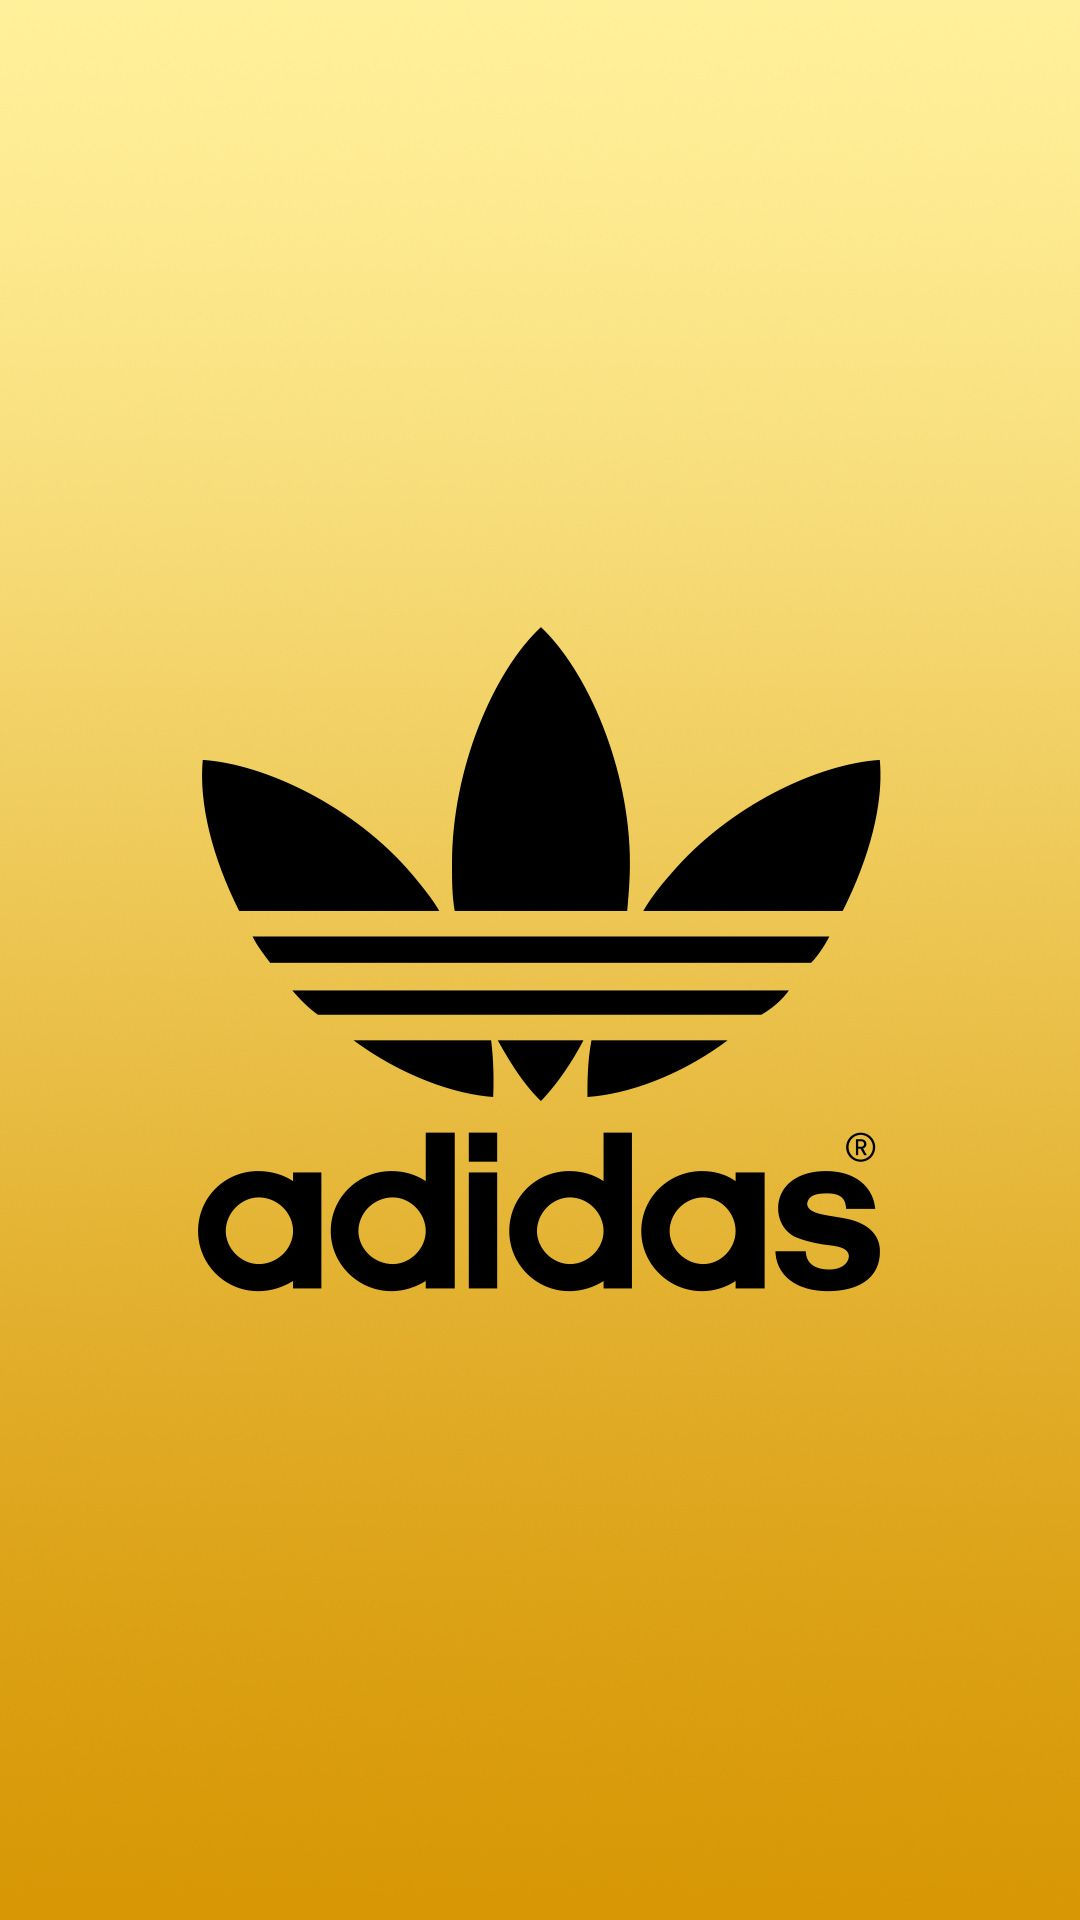 Adidas23 Papel De Parede Adidas Papeis De Parede Para Iphone Papeis De Parede Hd Celular